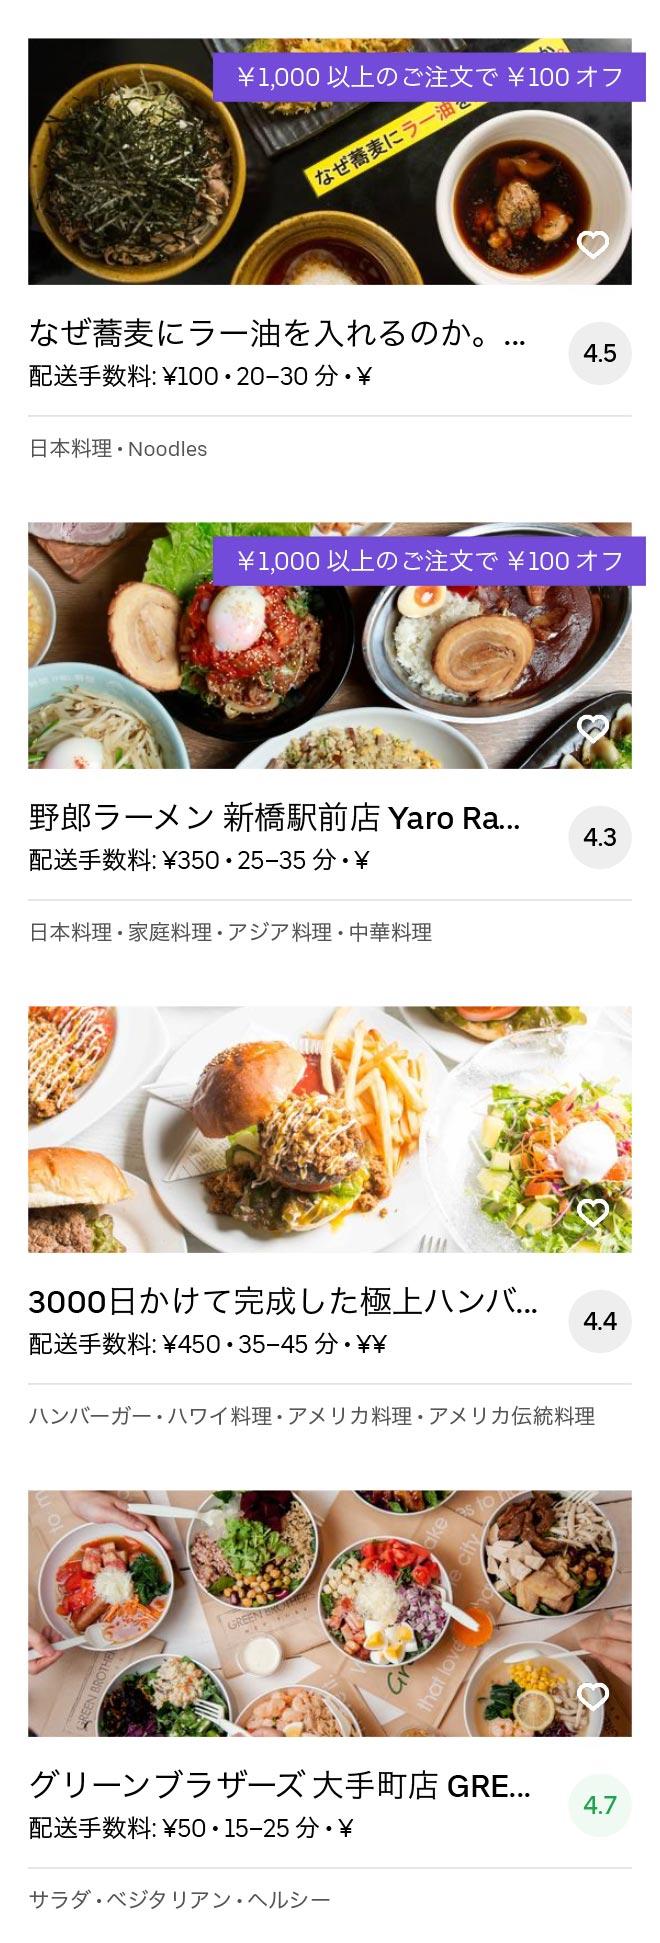 Tokyo otemachi menu 2005 09